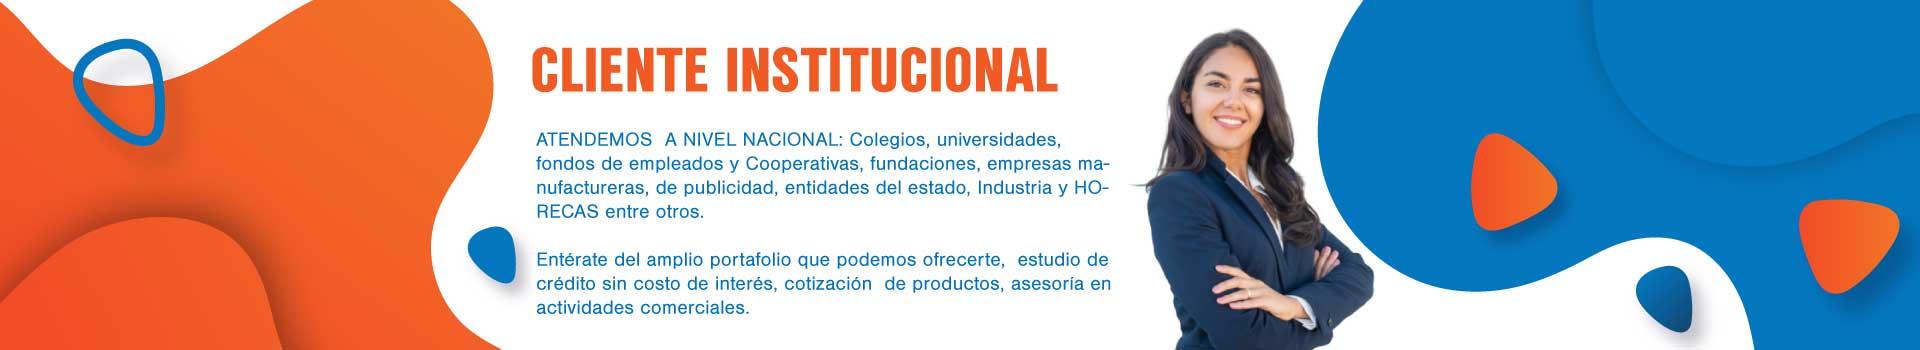 ventas-institucionales-1